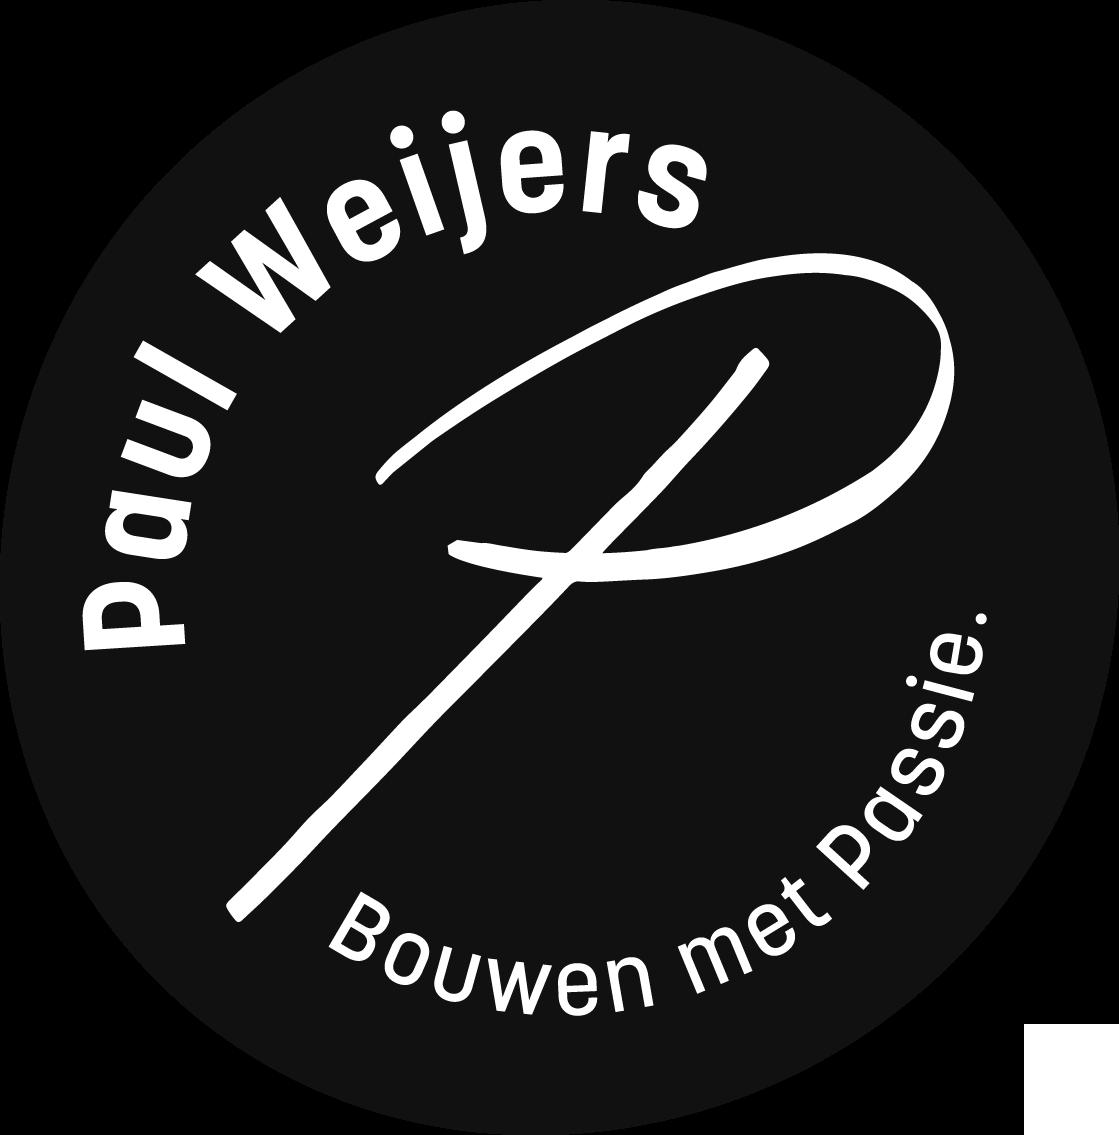 Paul Weijers